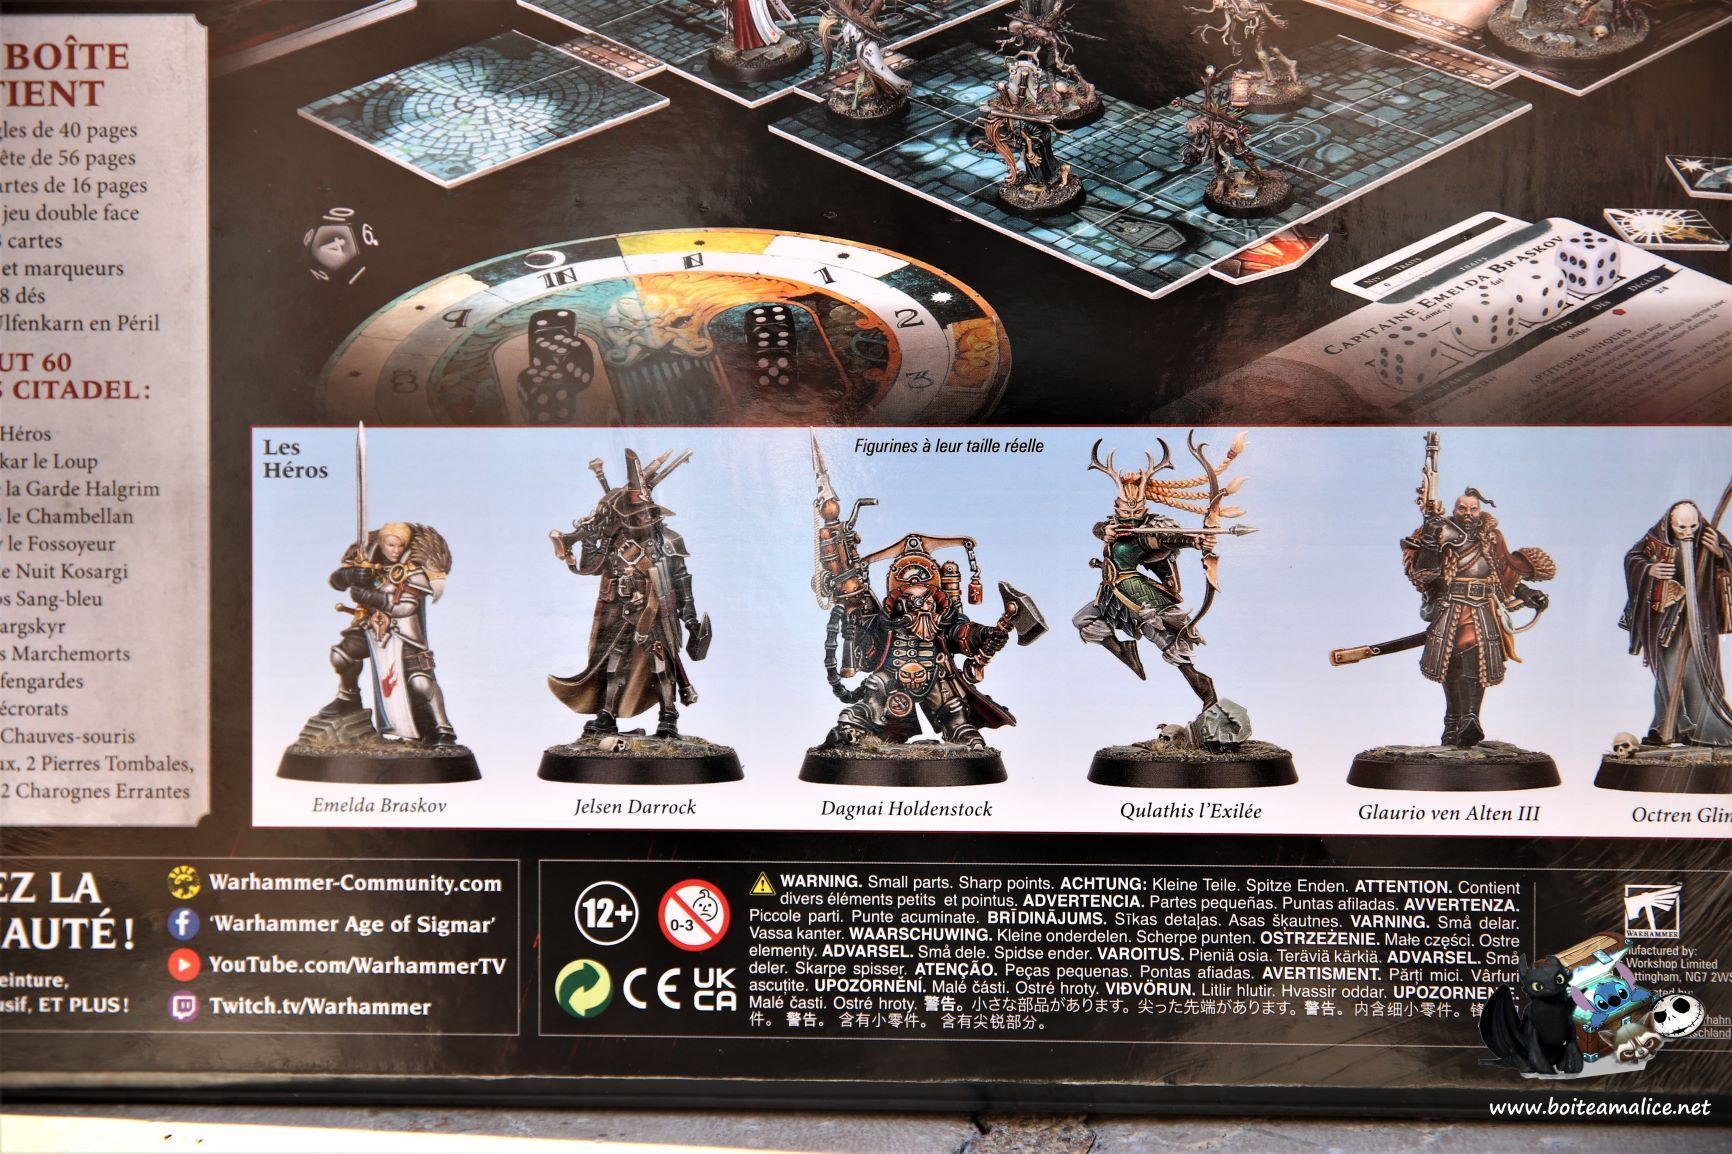 Warhammer quest la cite maudite 3